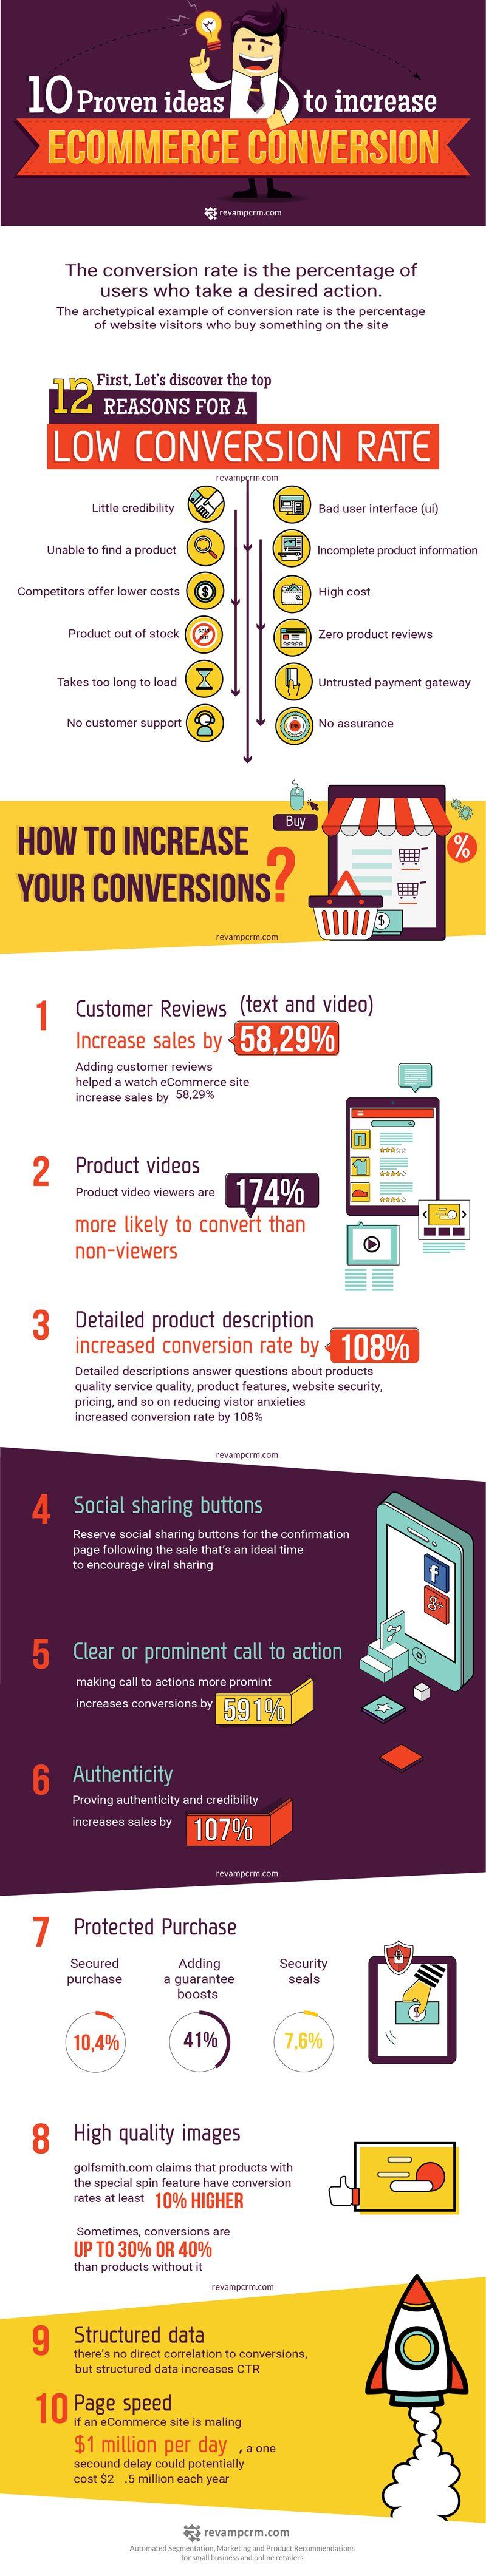 Anda Memiliki Toko Online - 10 Ide ini Terbukti Bisa Meningkatkan Konversi Penjualan [Infografik]